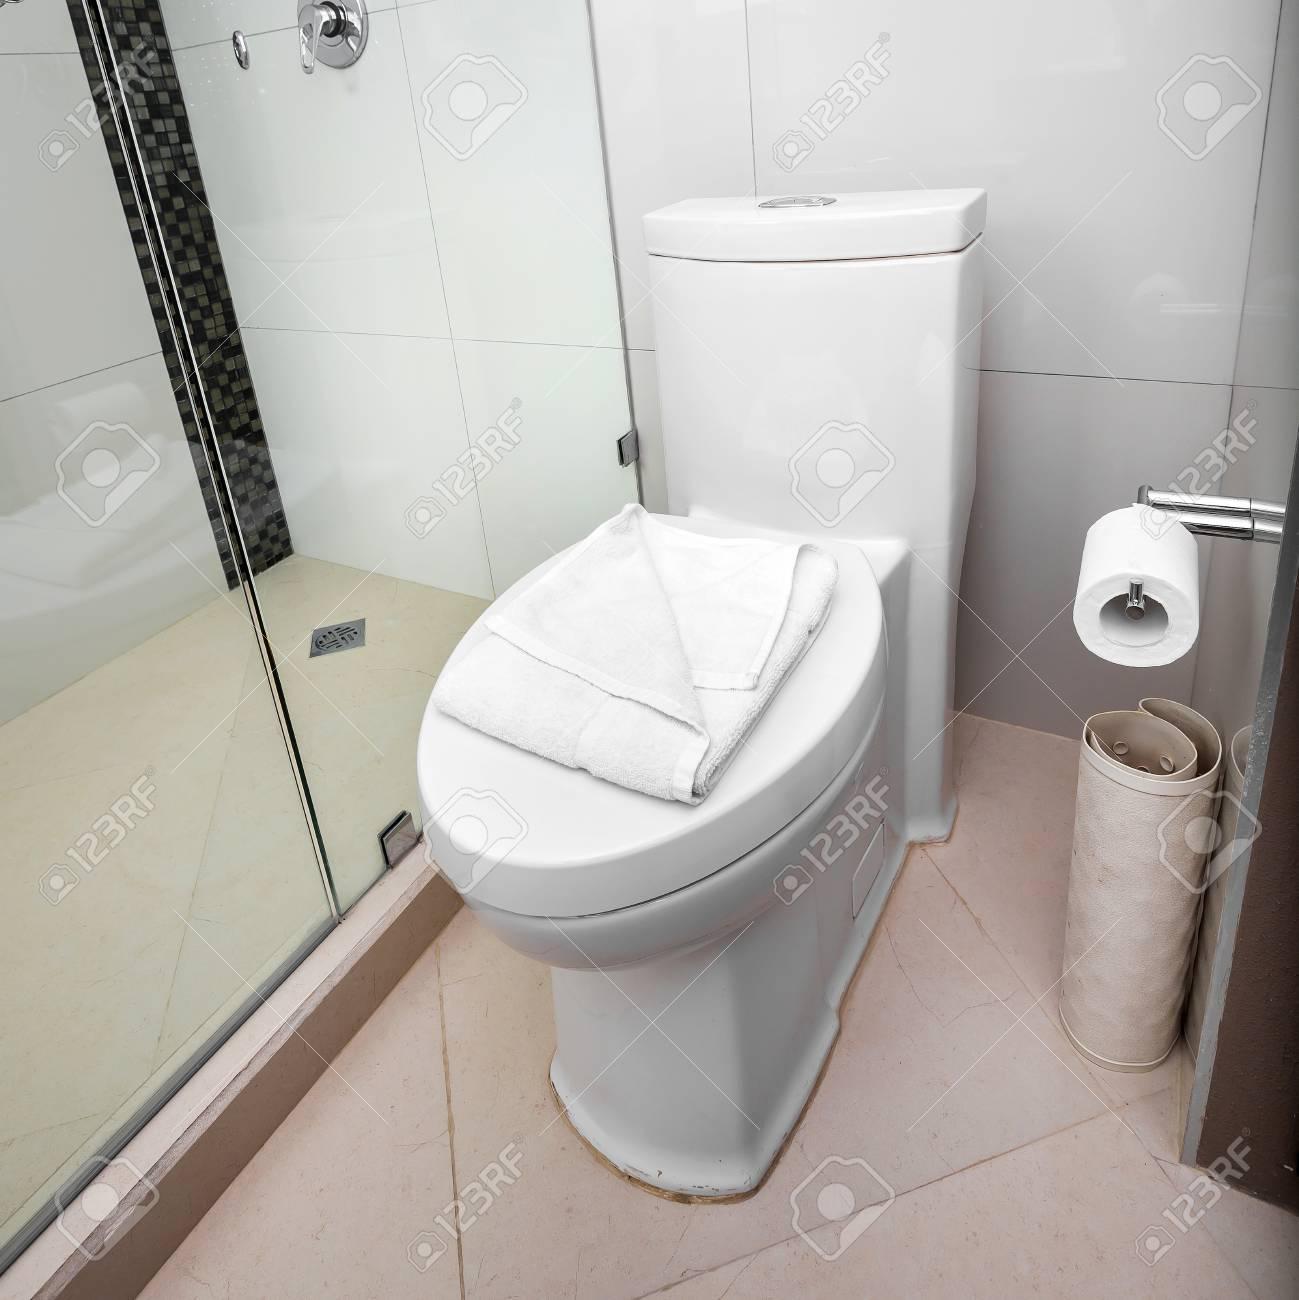 Weiß Toilette In Einem Badezimmer Gefliest Innen Lizenzfreie Fotos ...